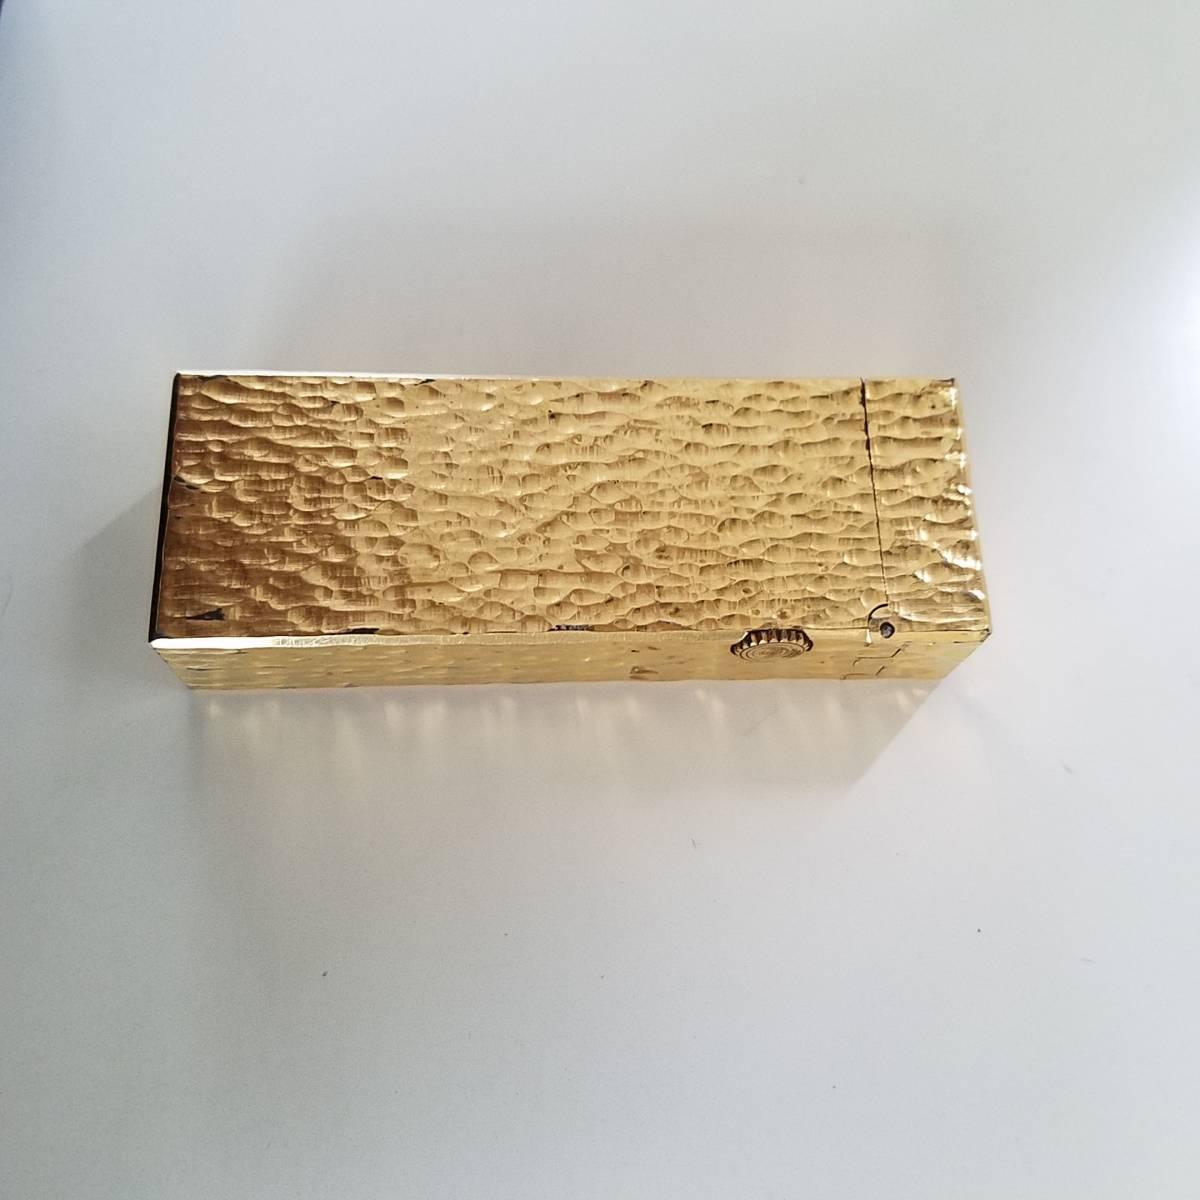 ダンヒル dunhill ゴールド 喫煙具 ライター 中古 _画像2